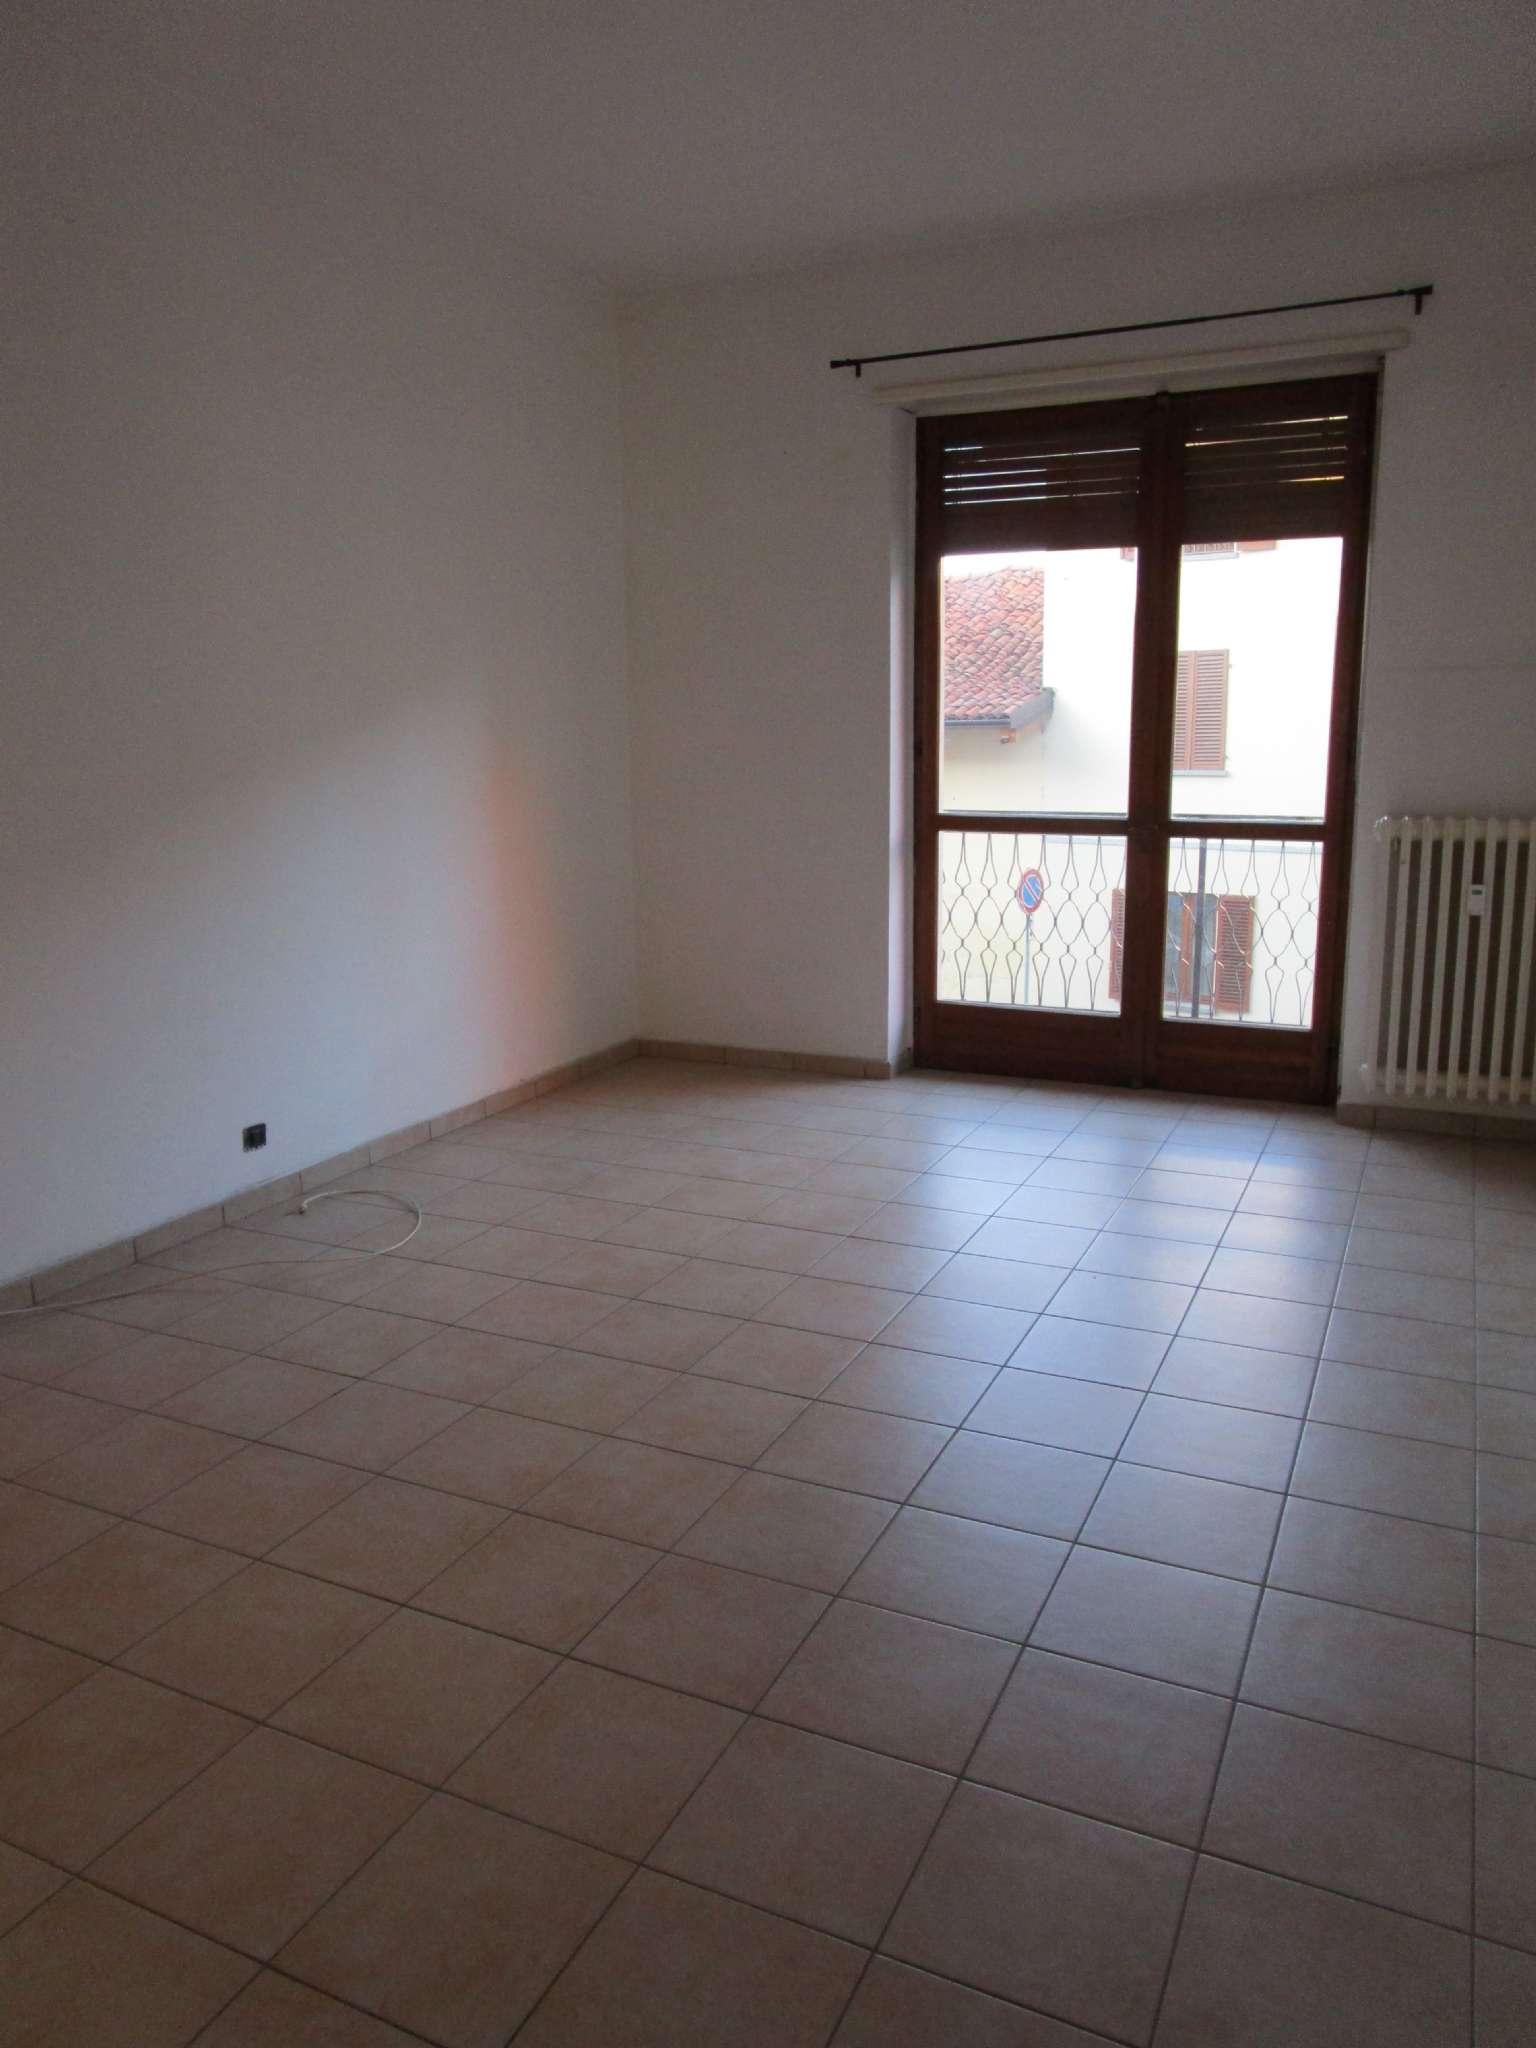 Appartamento in vendita a Poirino, 4 locali, prezzo € 69.000 | CambioCasa.it